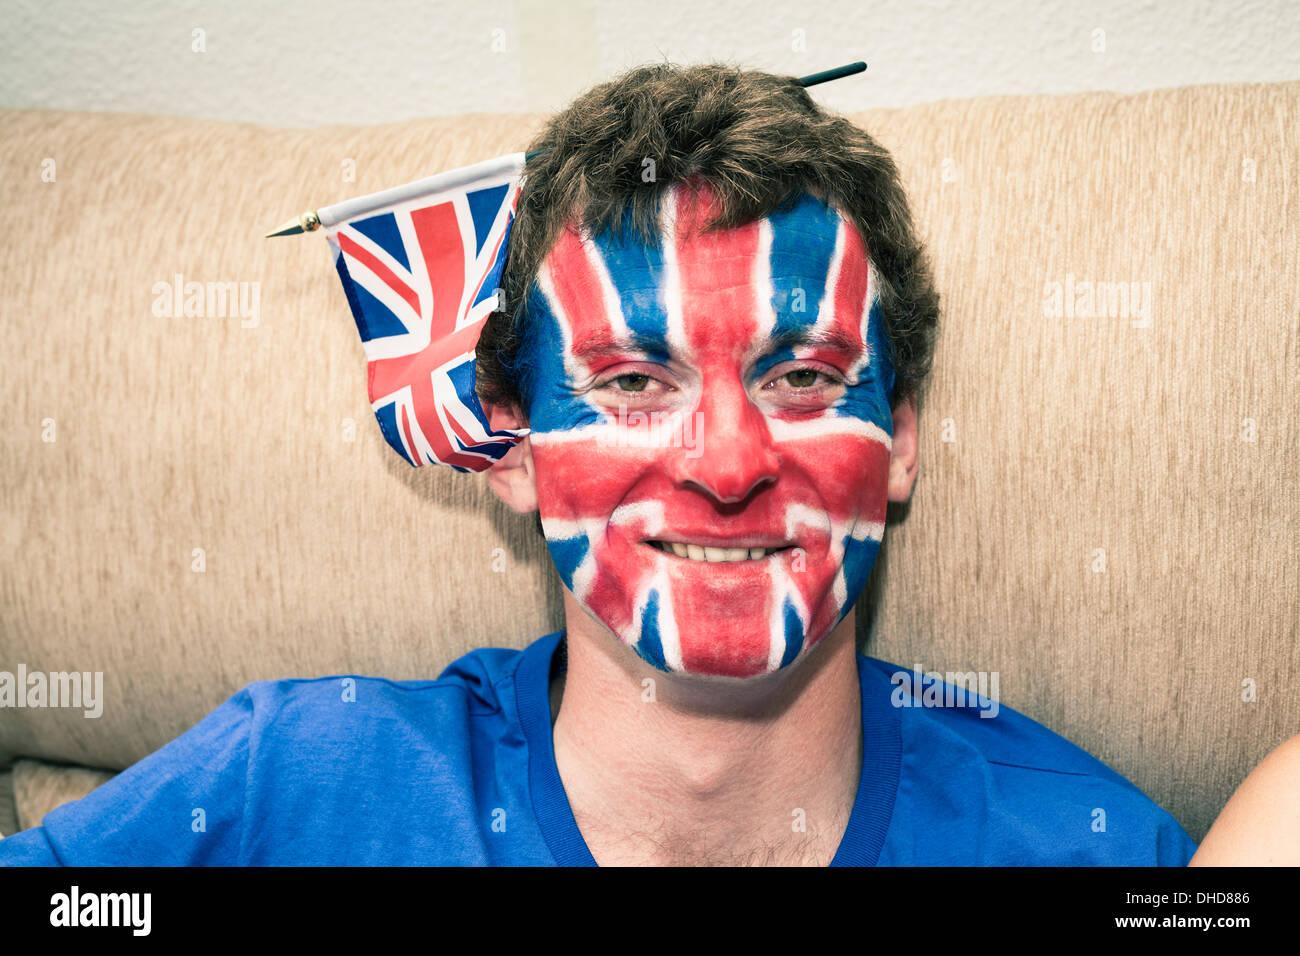 Porträt von lustigen Mann mit britischer Flagge gemalt auf seinem Gesicht. Stockbild